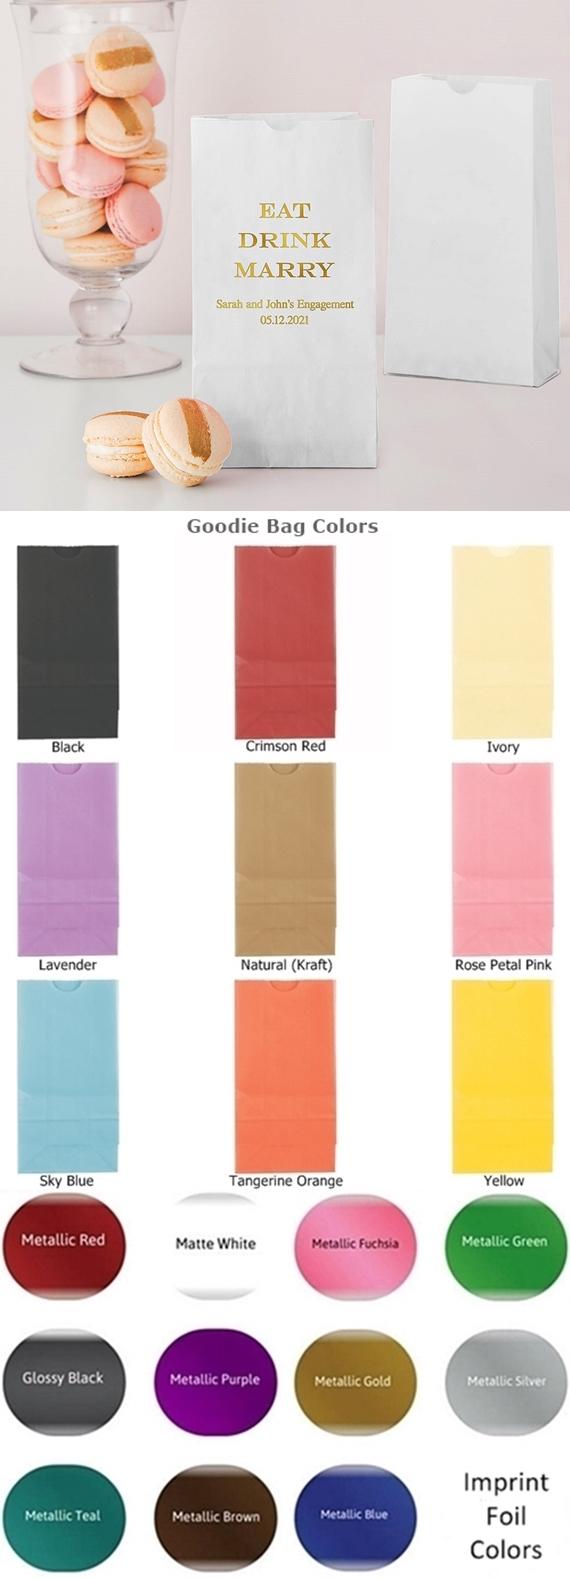 Eat Drink Marry Self-Standing Printed Goodie Bags (10 Colors)